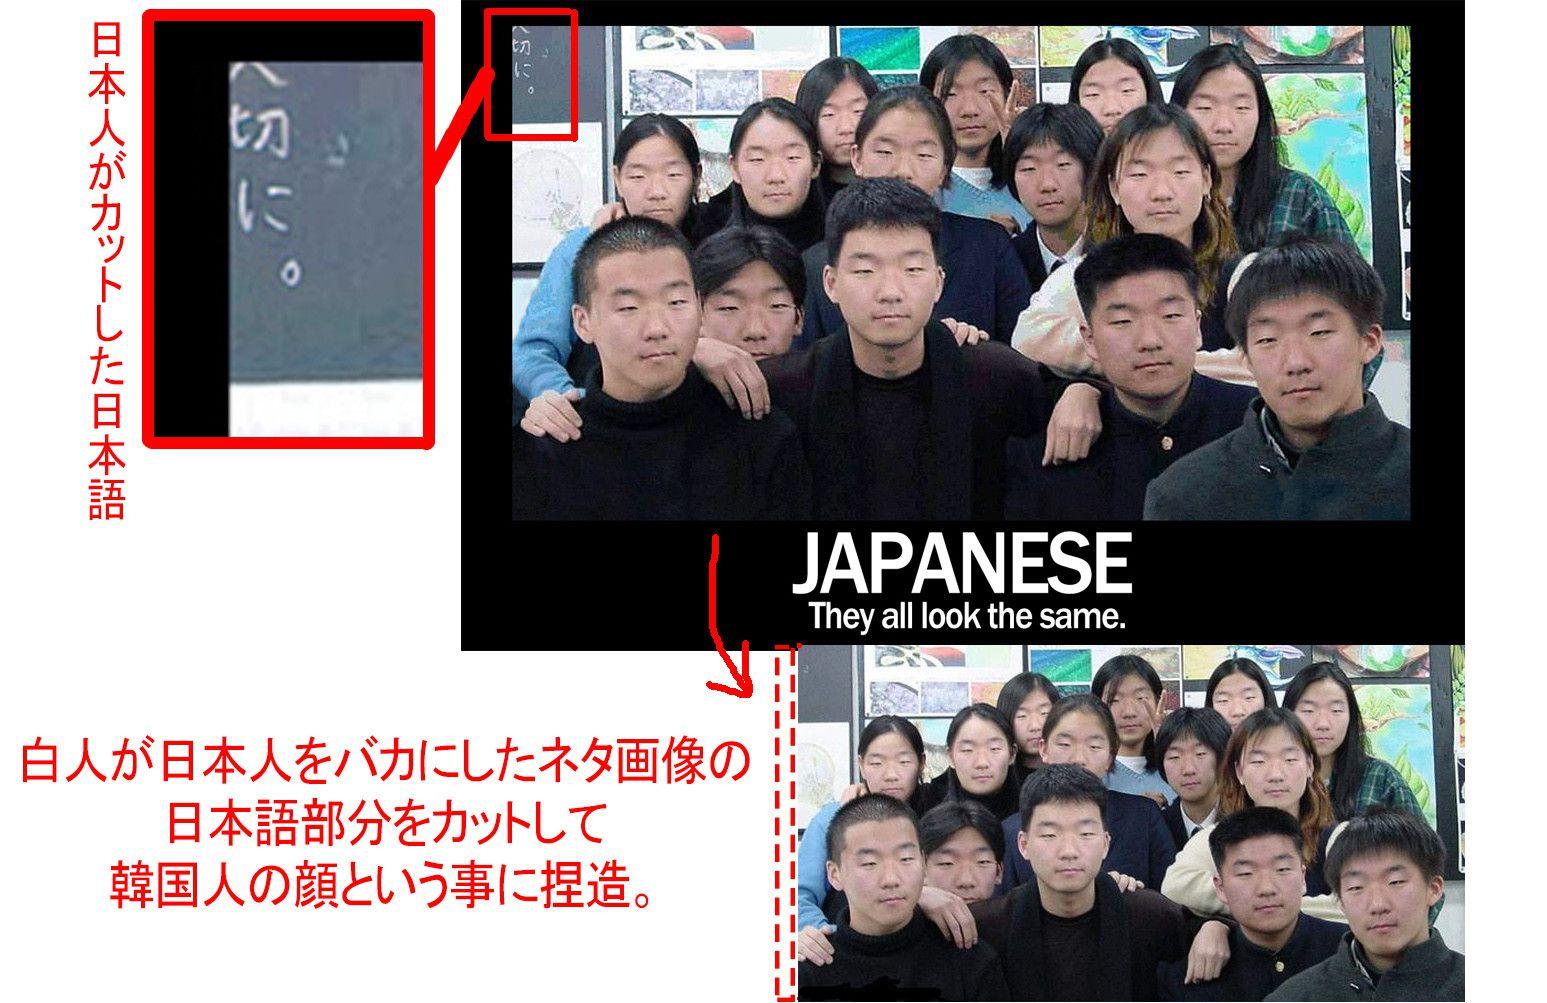 f:id:JAPbuster:20160605060810j:plain